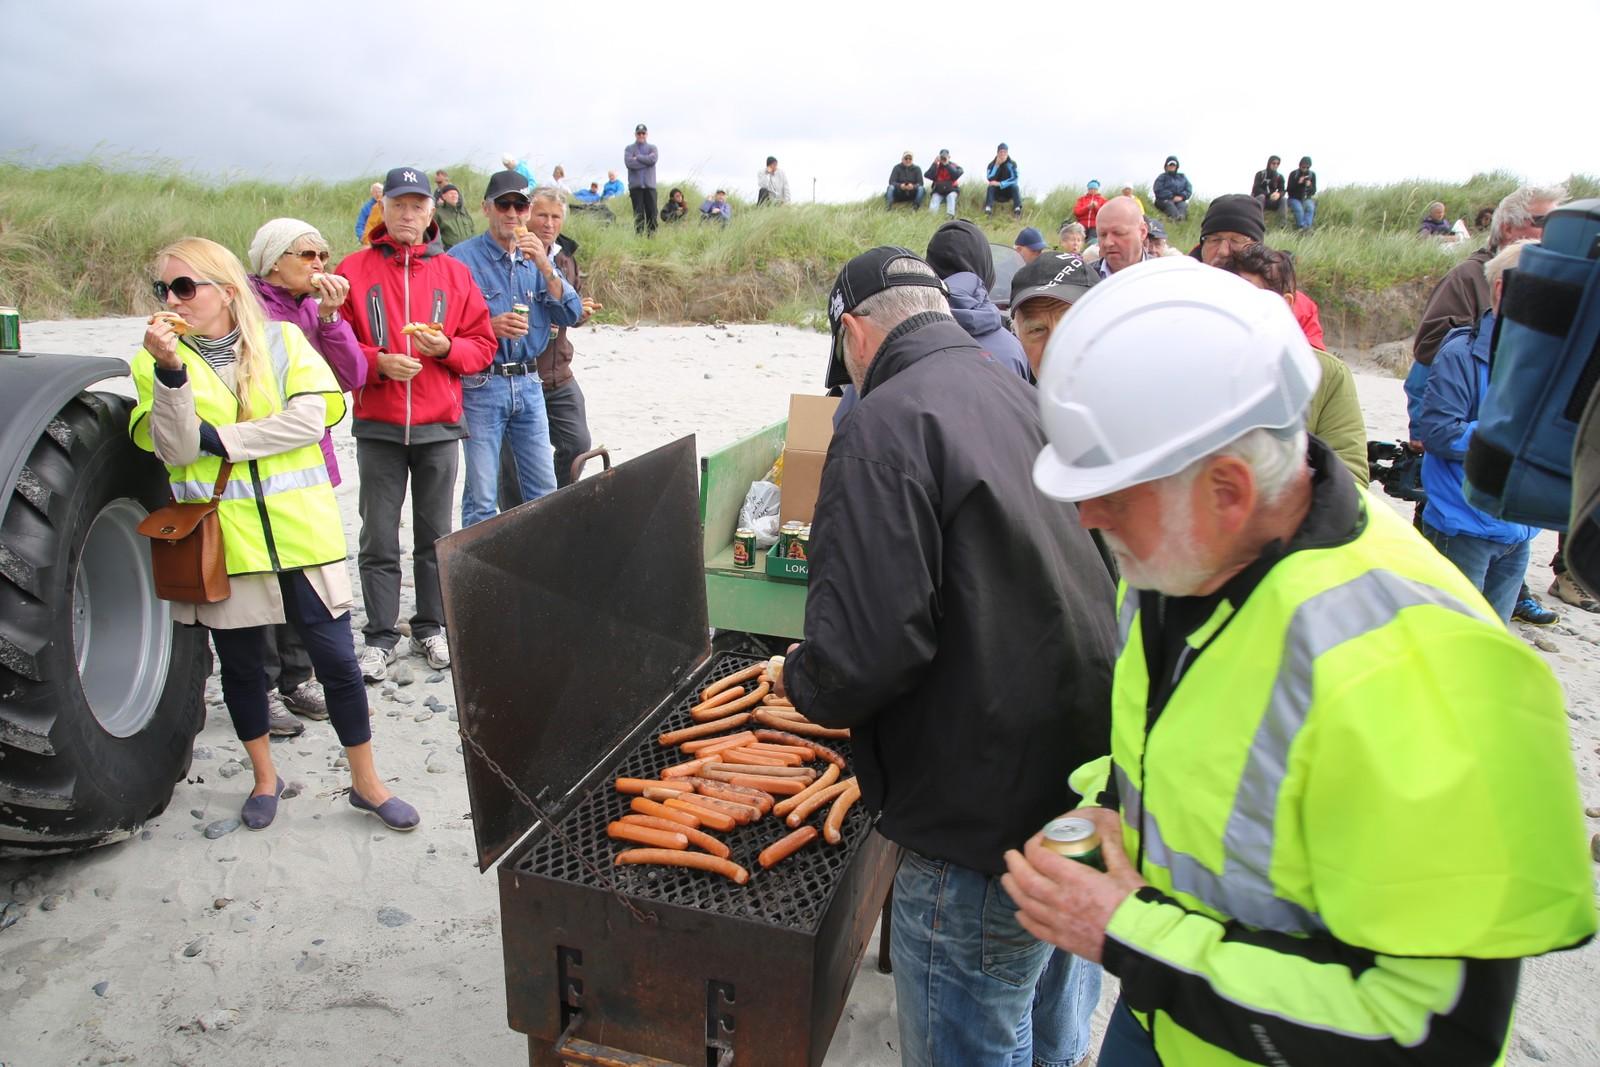 Arbeidsfolkene får grillpølser på Orresanden. Også publikum fikk grillmat denne dagen.